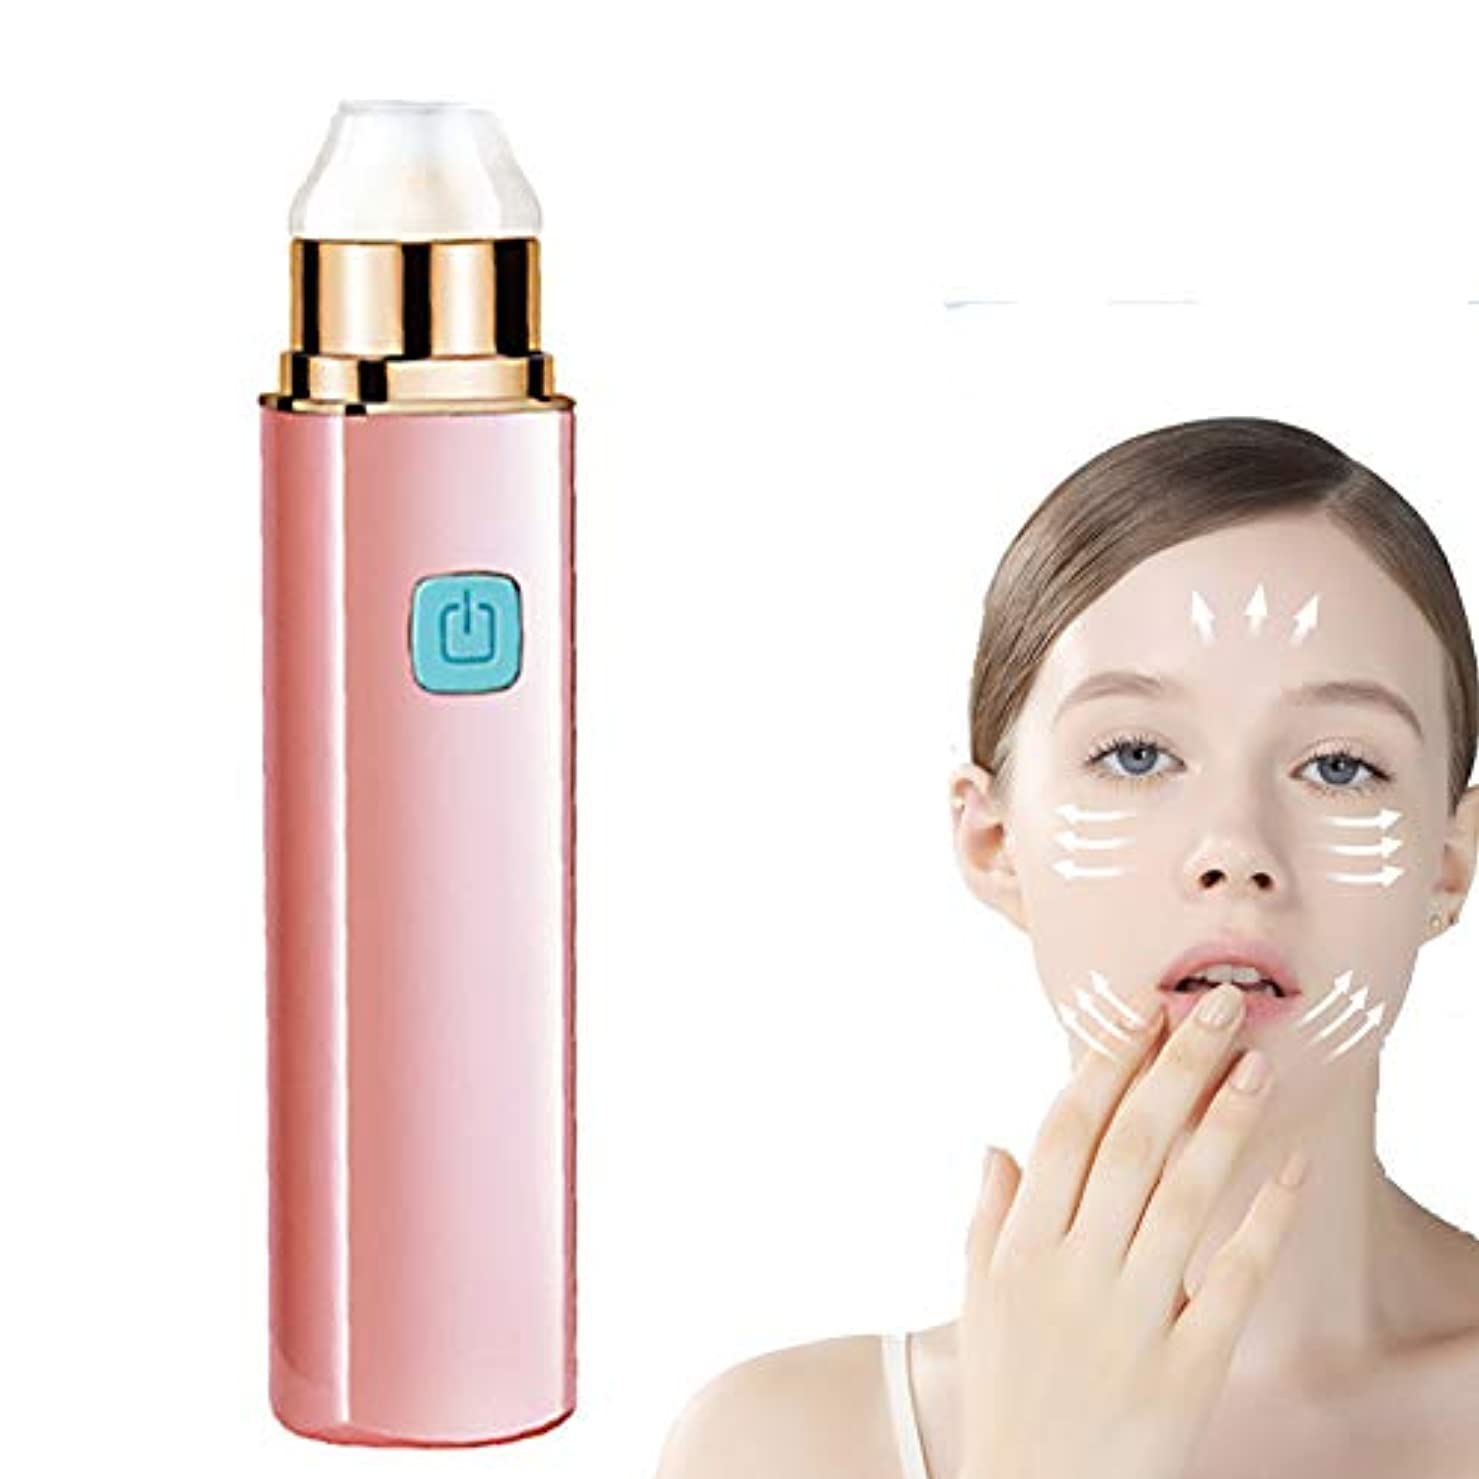 強制残るホラーミニ美容機器、電気ブラックヘッドリムーバー、クリーン毛穴機器、顔の皮膚の削除ツールのクリーニング